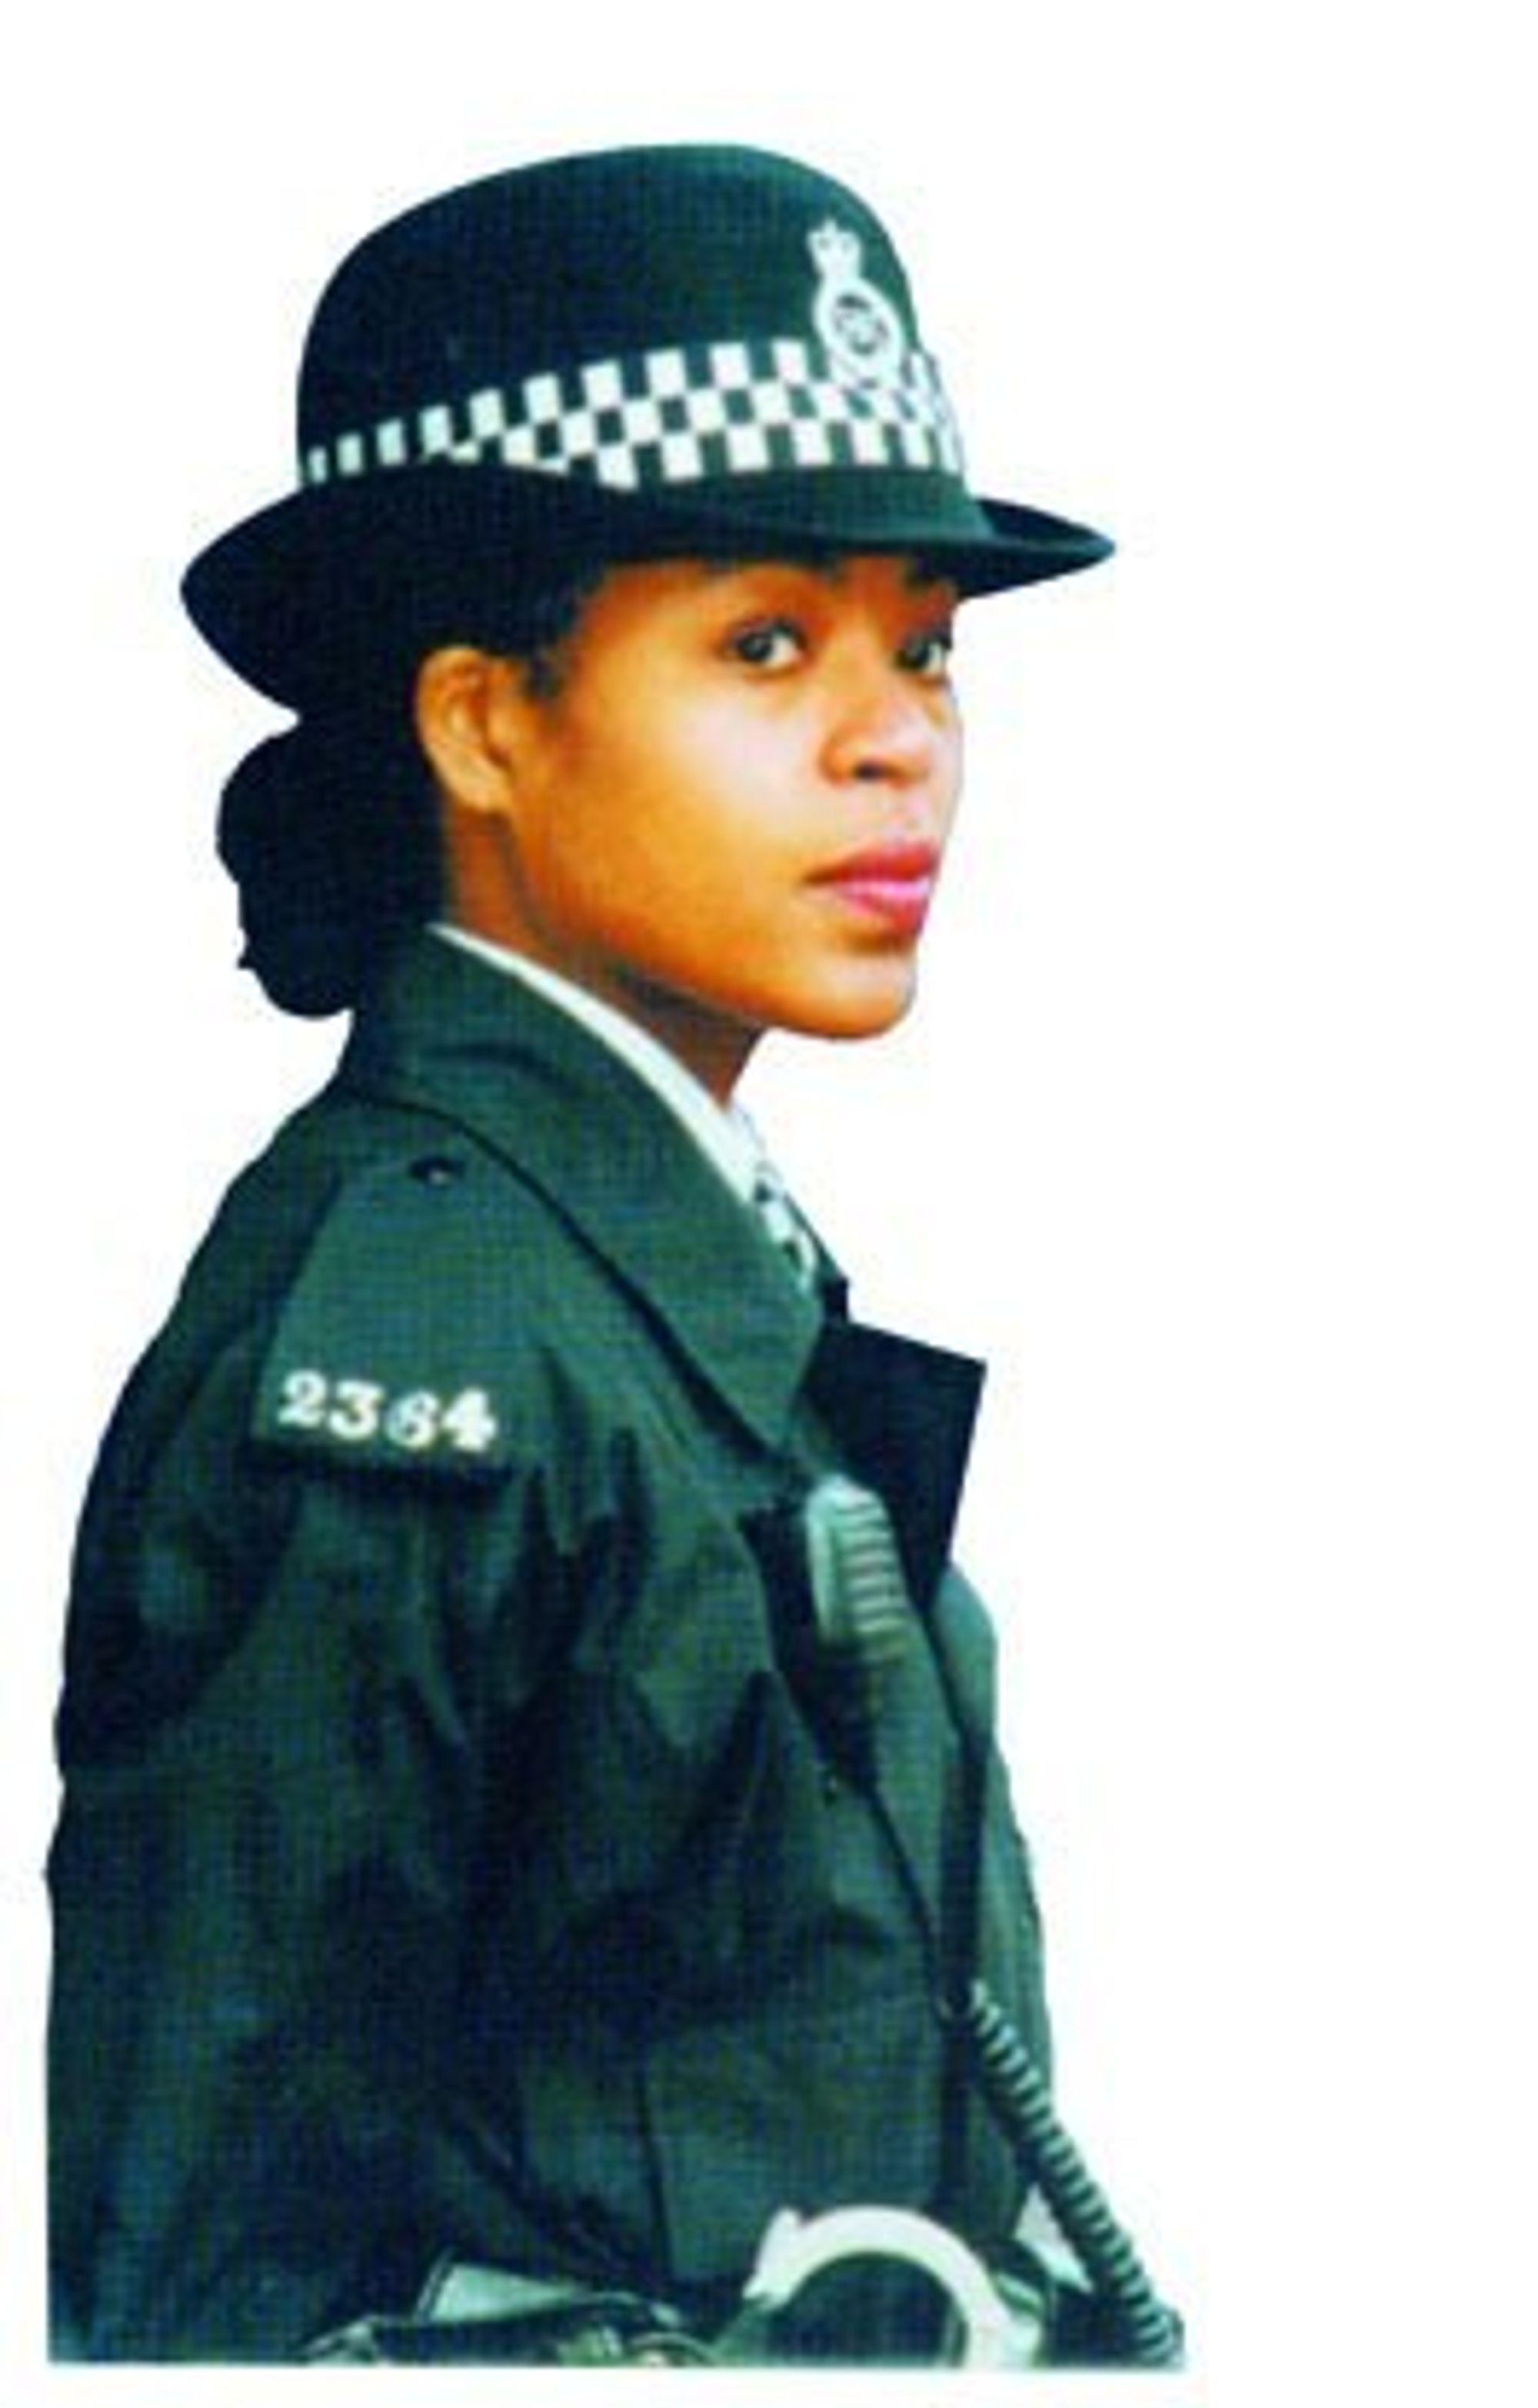 Britisk politi vil få full kontroll med politibetjentenes bevegelser. Informasjonen skal gi bedre beslutningsgrunnlag. I dag har politiet GPS-oversikt over politibilene, men ikke de fotpatruljerende. Foto: Britisk politi